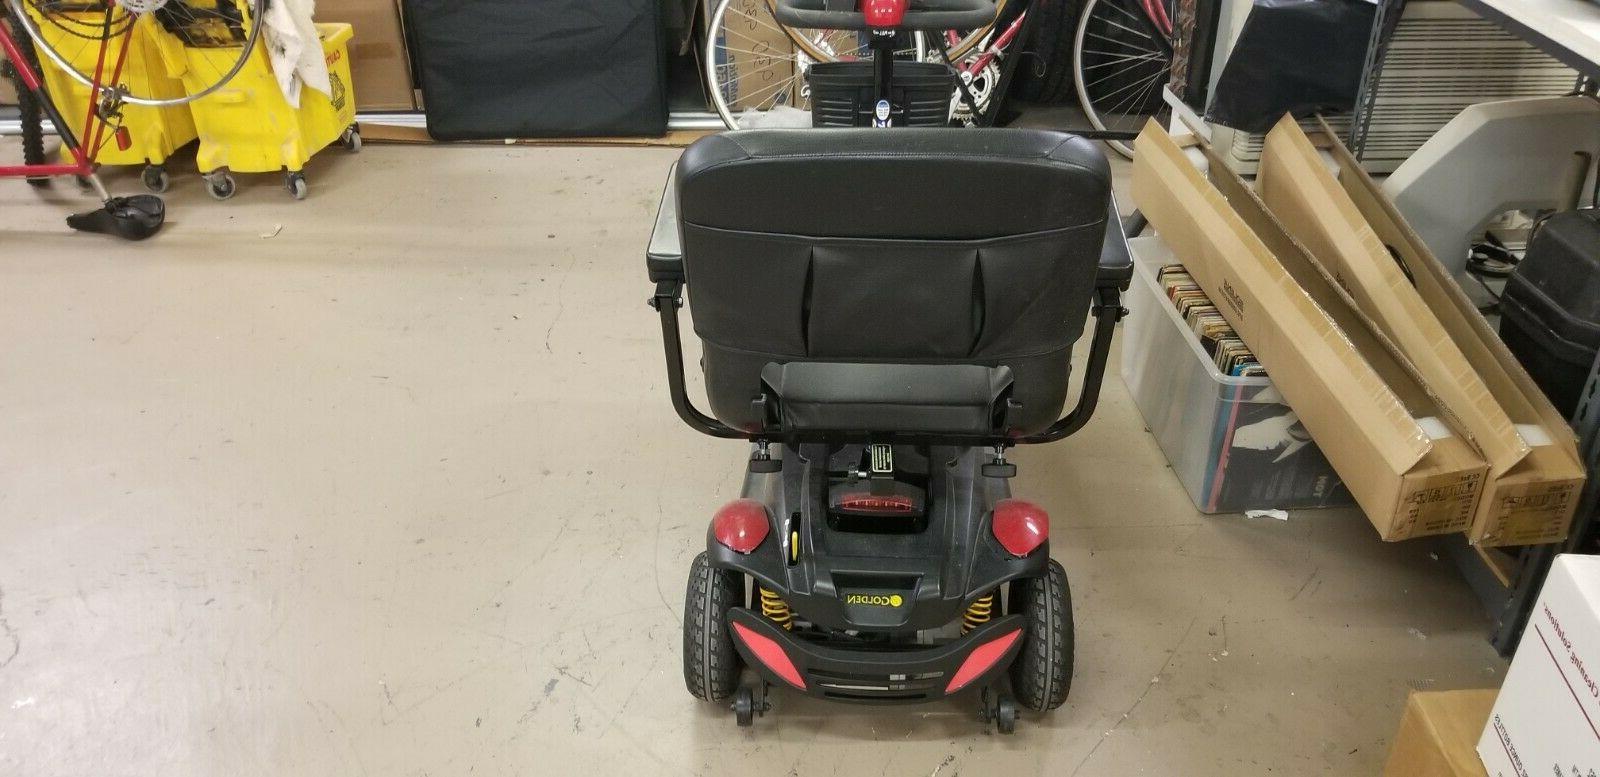 Buzzaround EX HD Mobility Scooter w/18